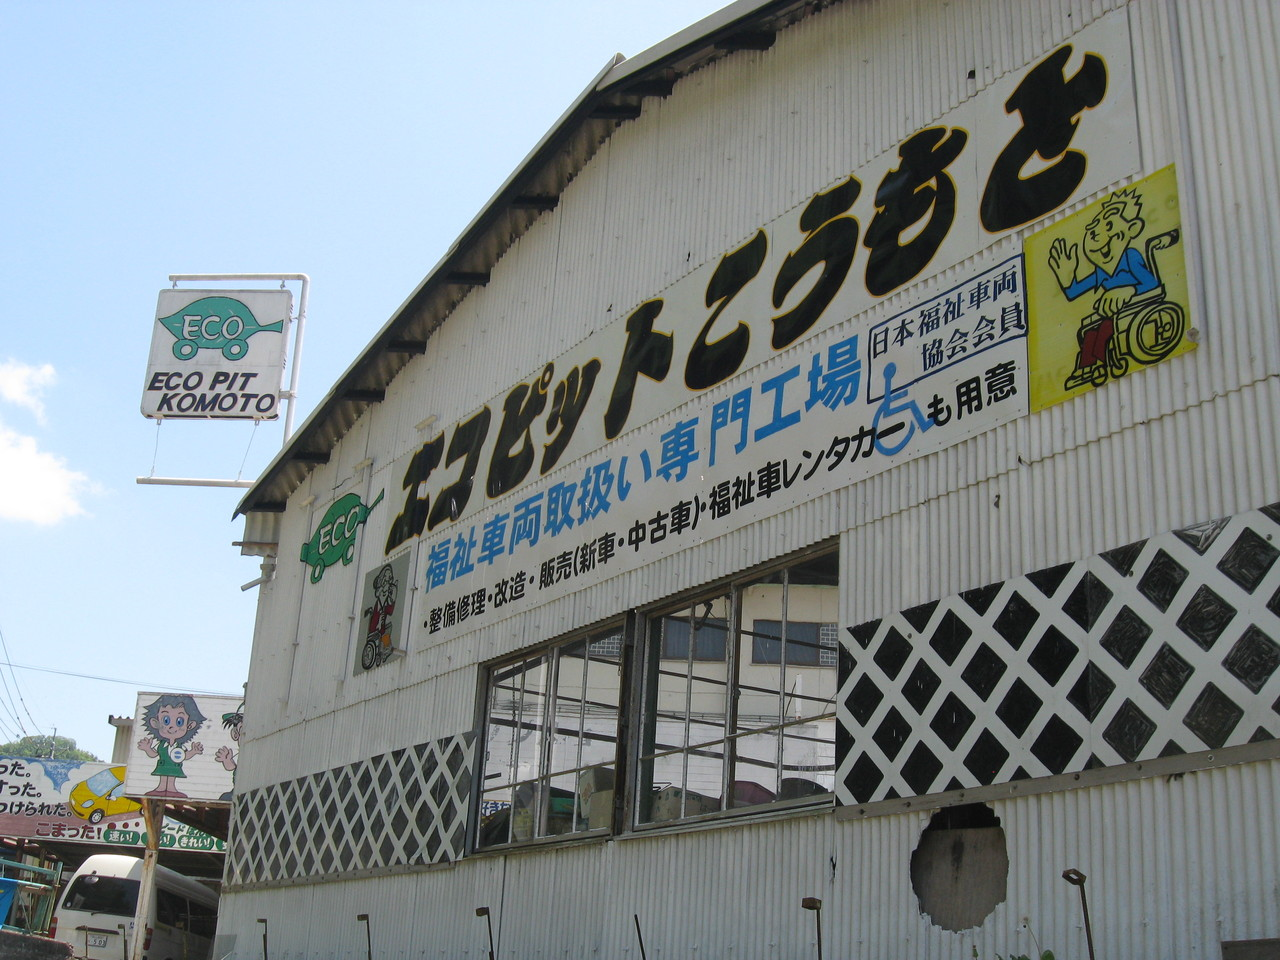 エコピットこうもと自動車は岡山県美作市の自動車整備メンテナンスサービスの会社です